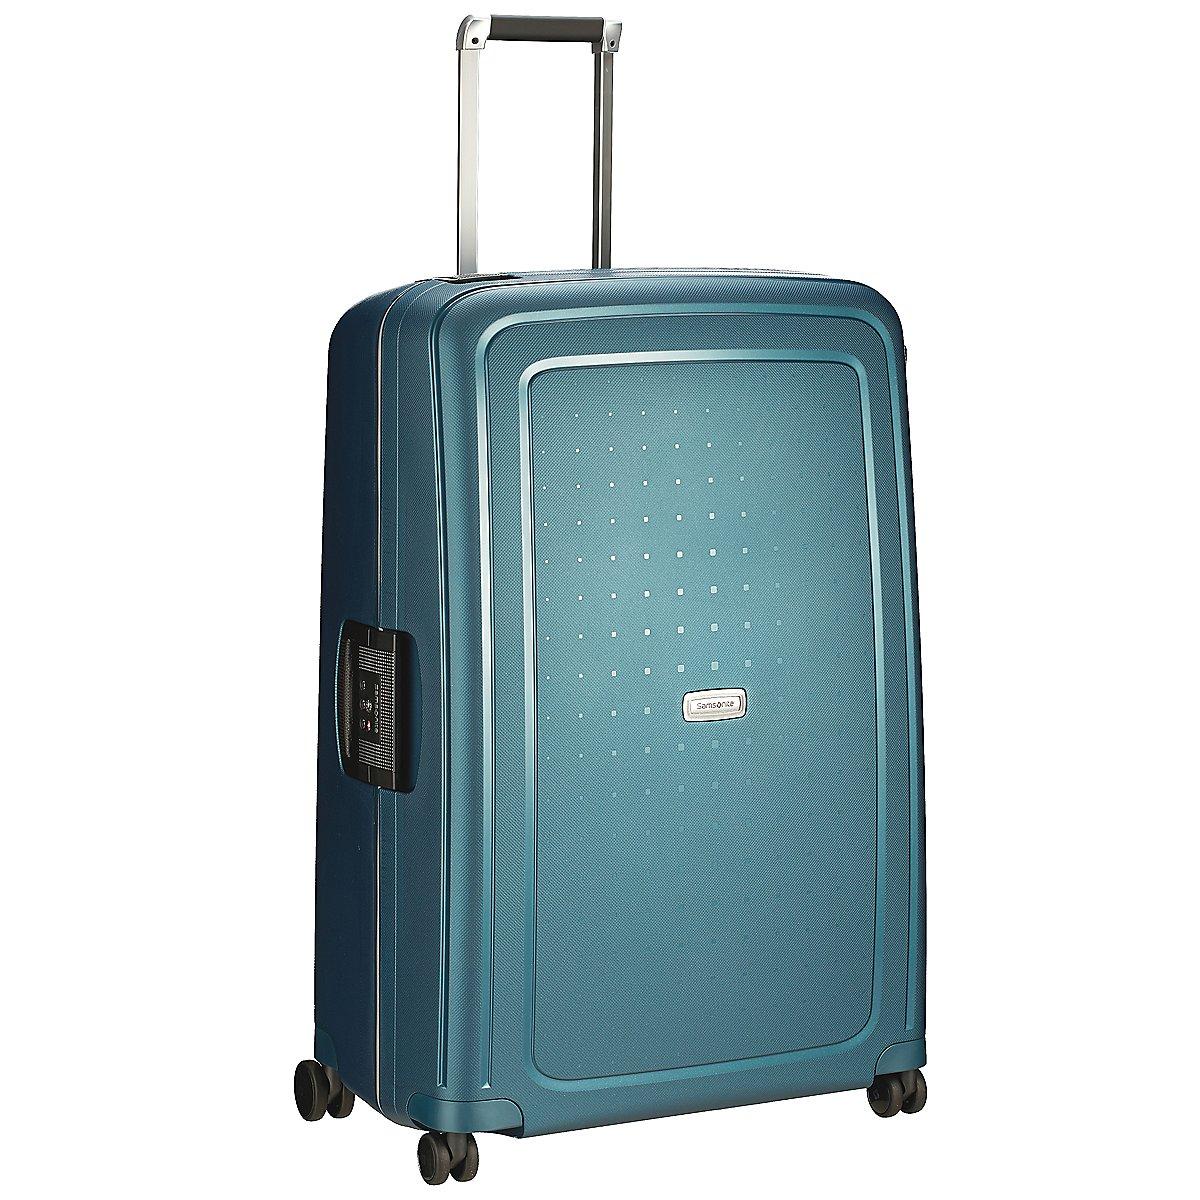 samsonite s cure dlx 4 rollen trolley 81 cm koffer. Black Bedroom Furniture Sets. Home Design Ideas